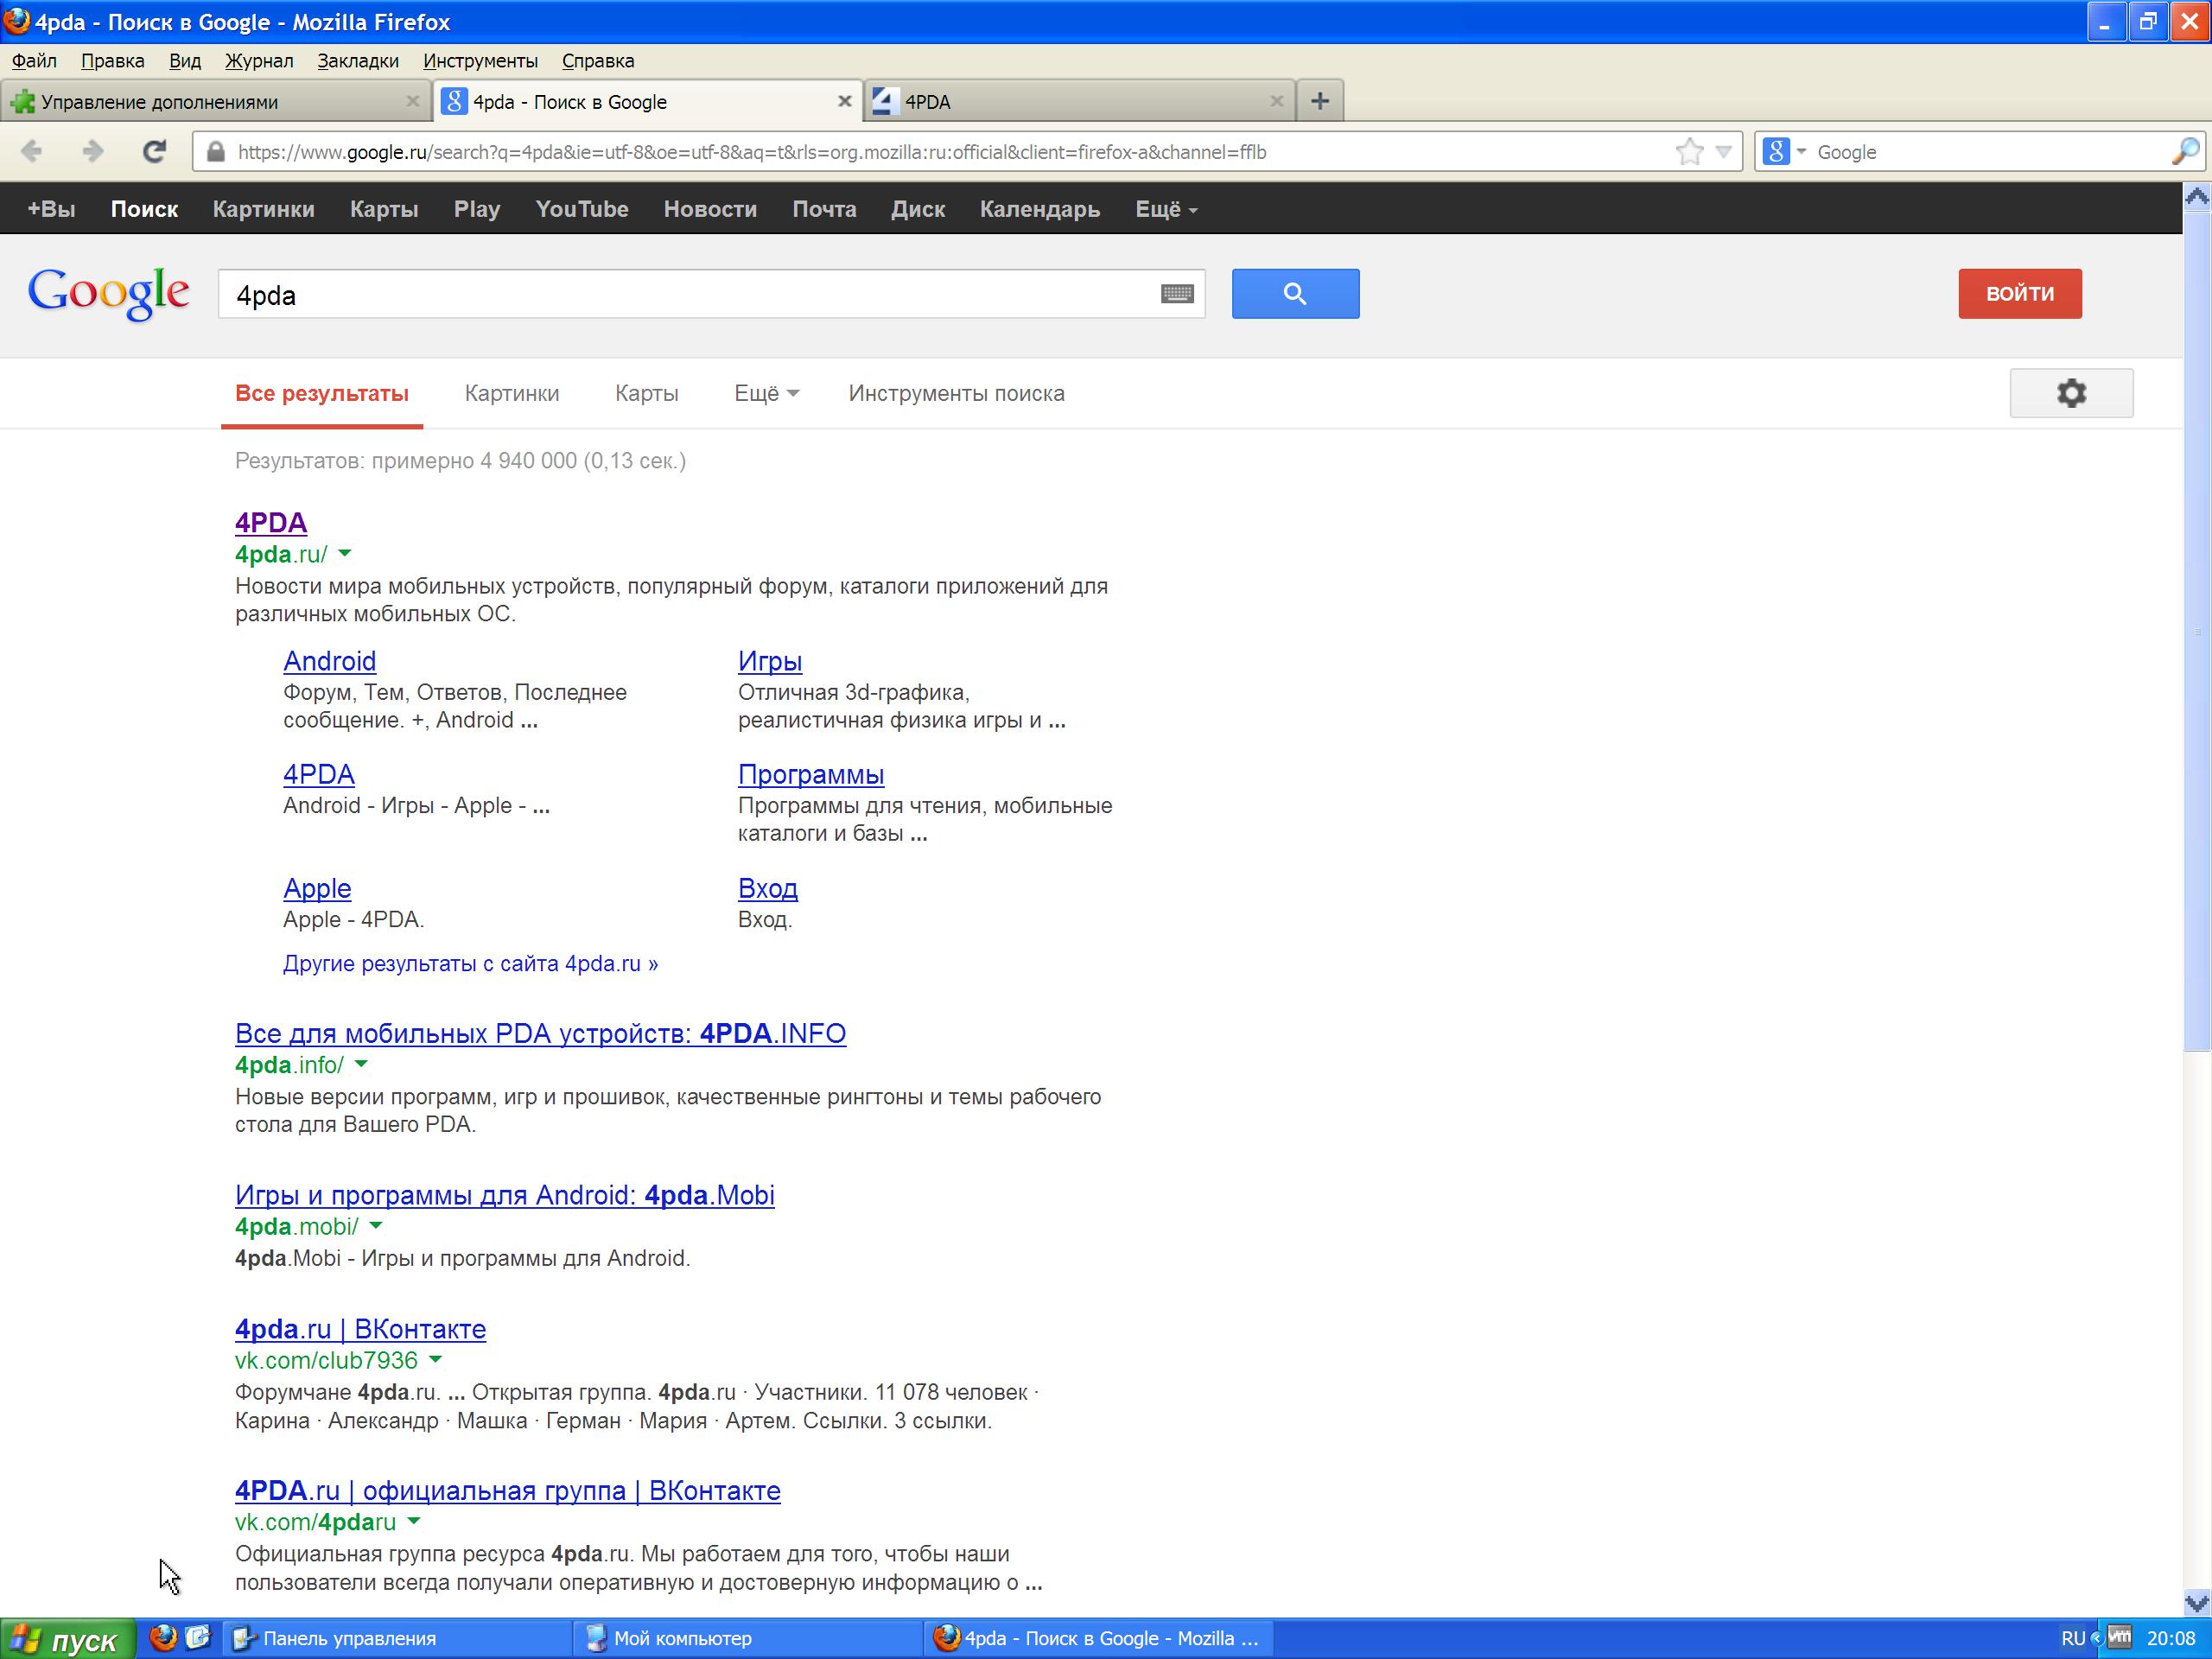 Скриншот с виртуальной машины с Windows XP в масштабе 200%